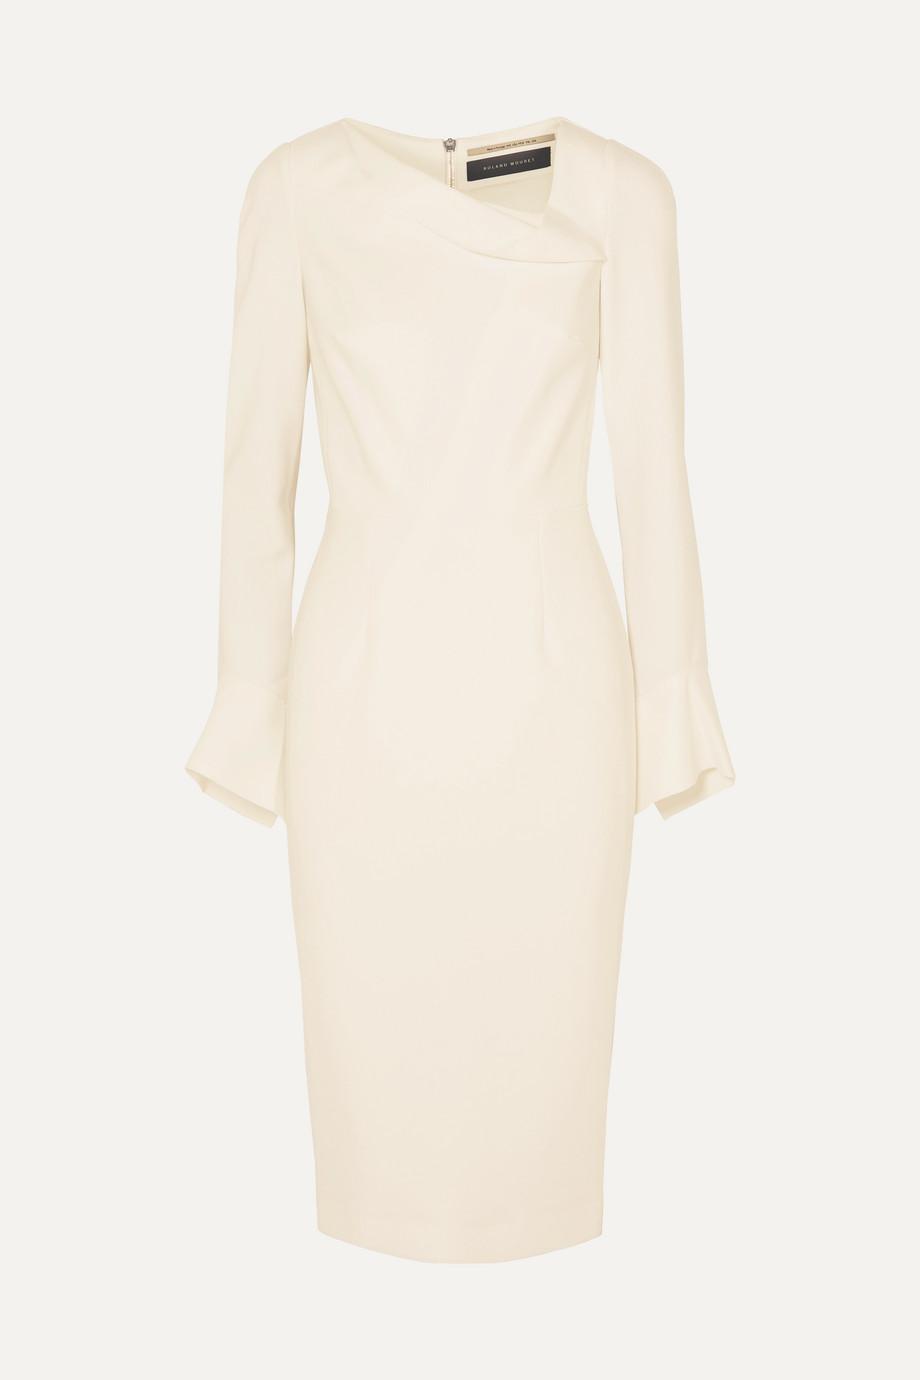 Roland Mouret Liman fluted crepe dress